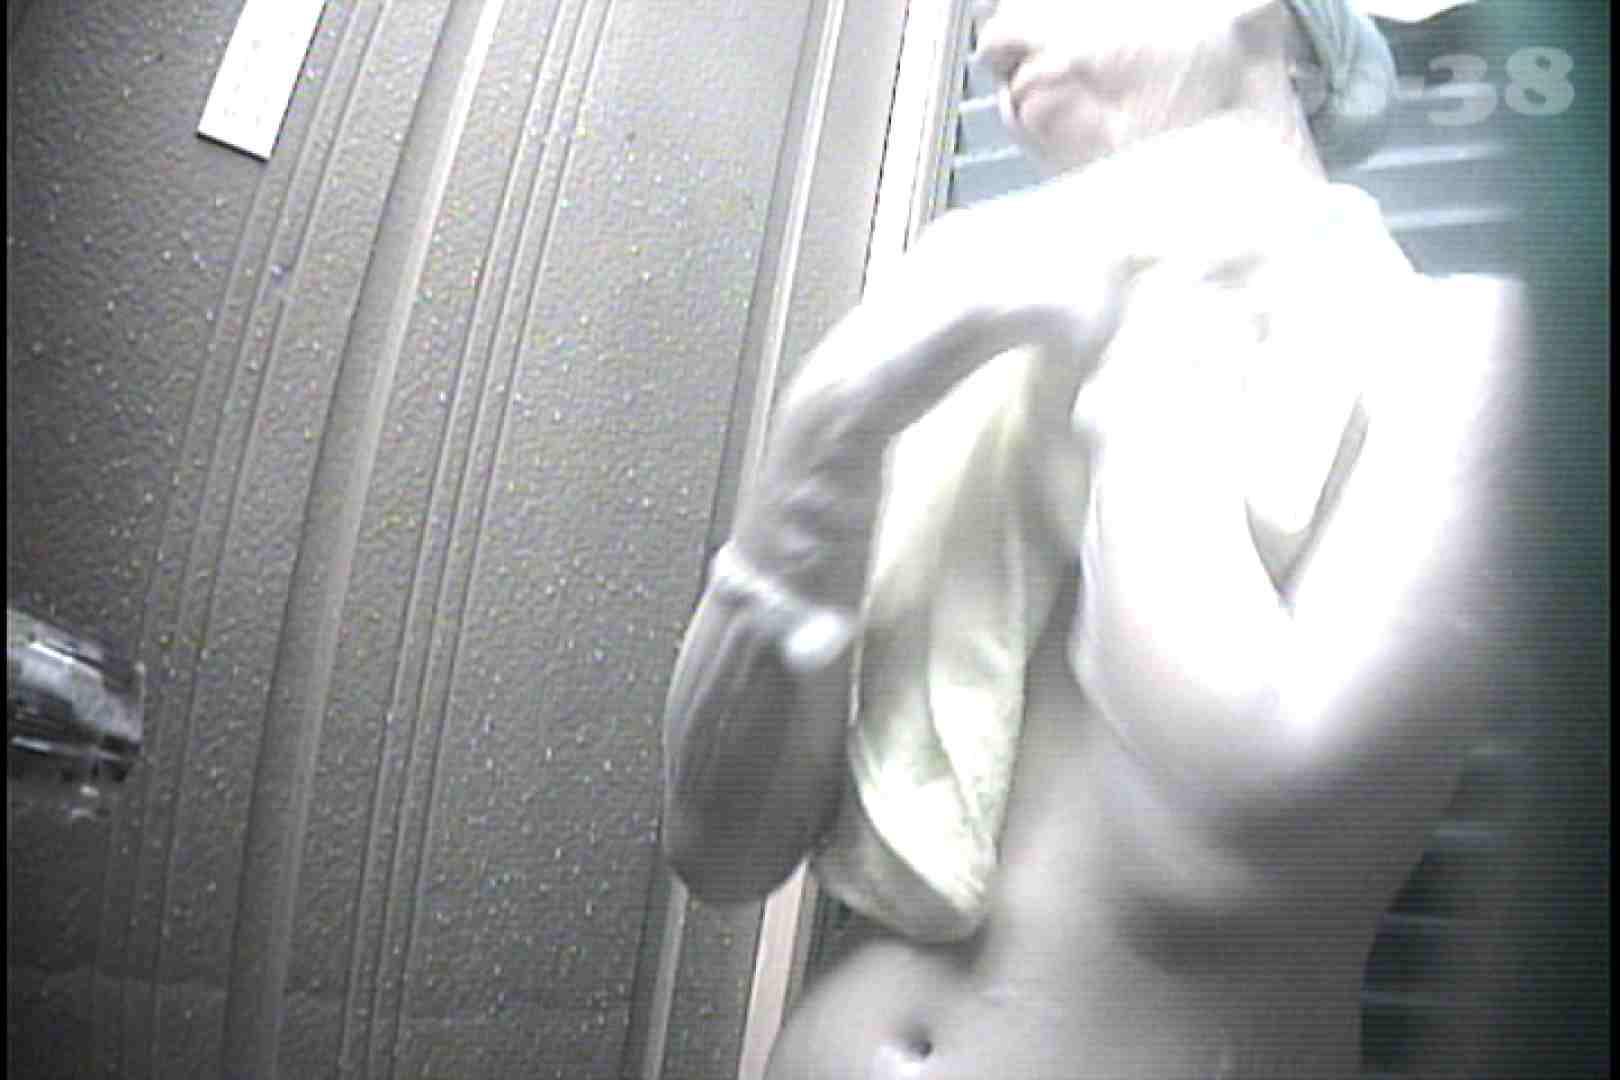 File.38 お腹のお肉がつき始めたロケットオッパイお姉さん 盗撮特集 エロ無料画像 99画像 42